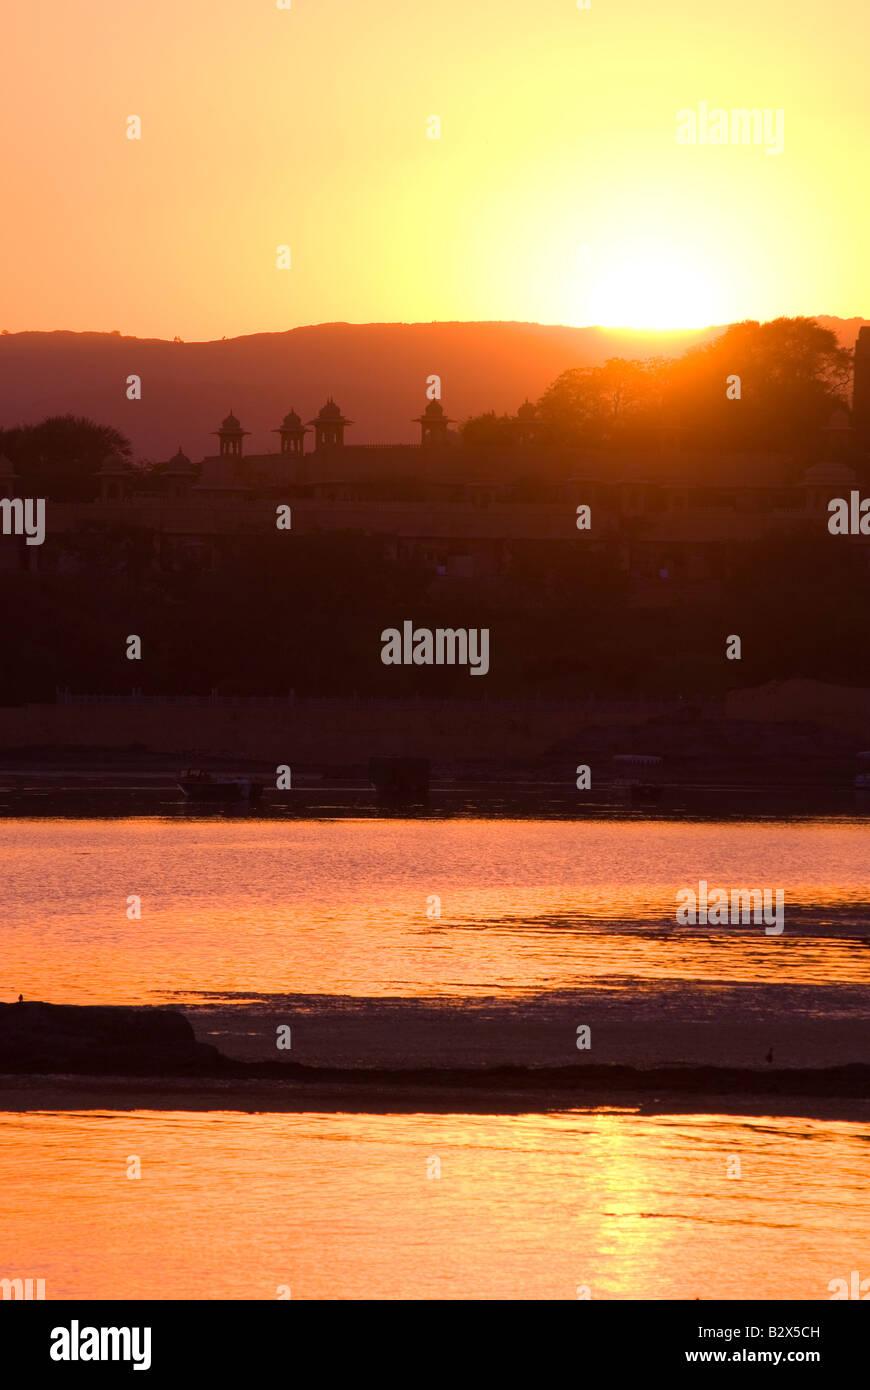 Coucher de soleil sur le lac Pichola, Udaipur, Rajasthan, Inde, sous-continent indien, en Asie Banque D'Images